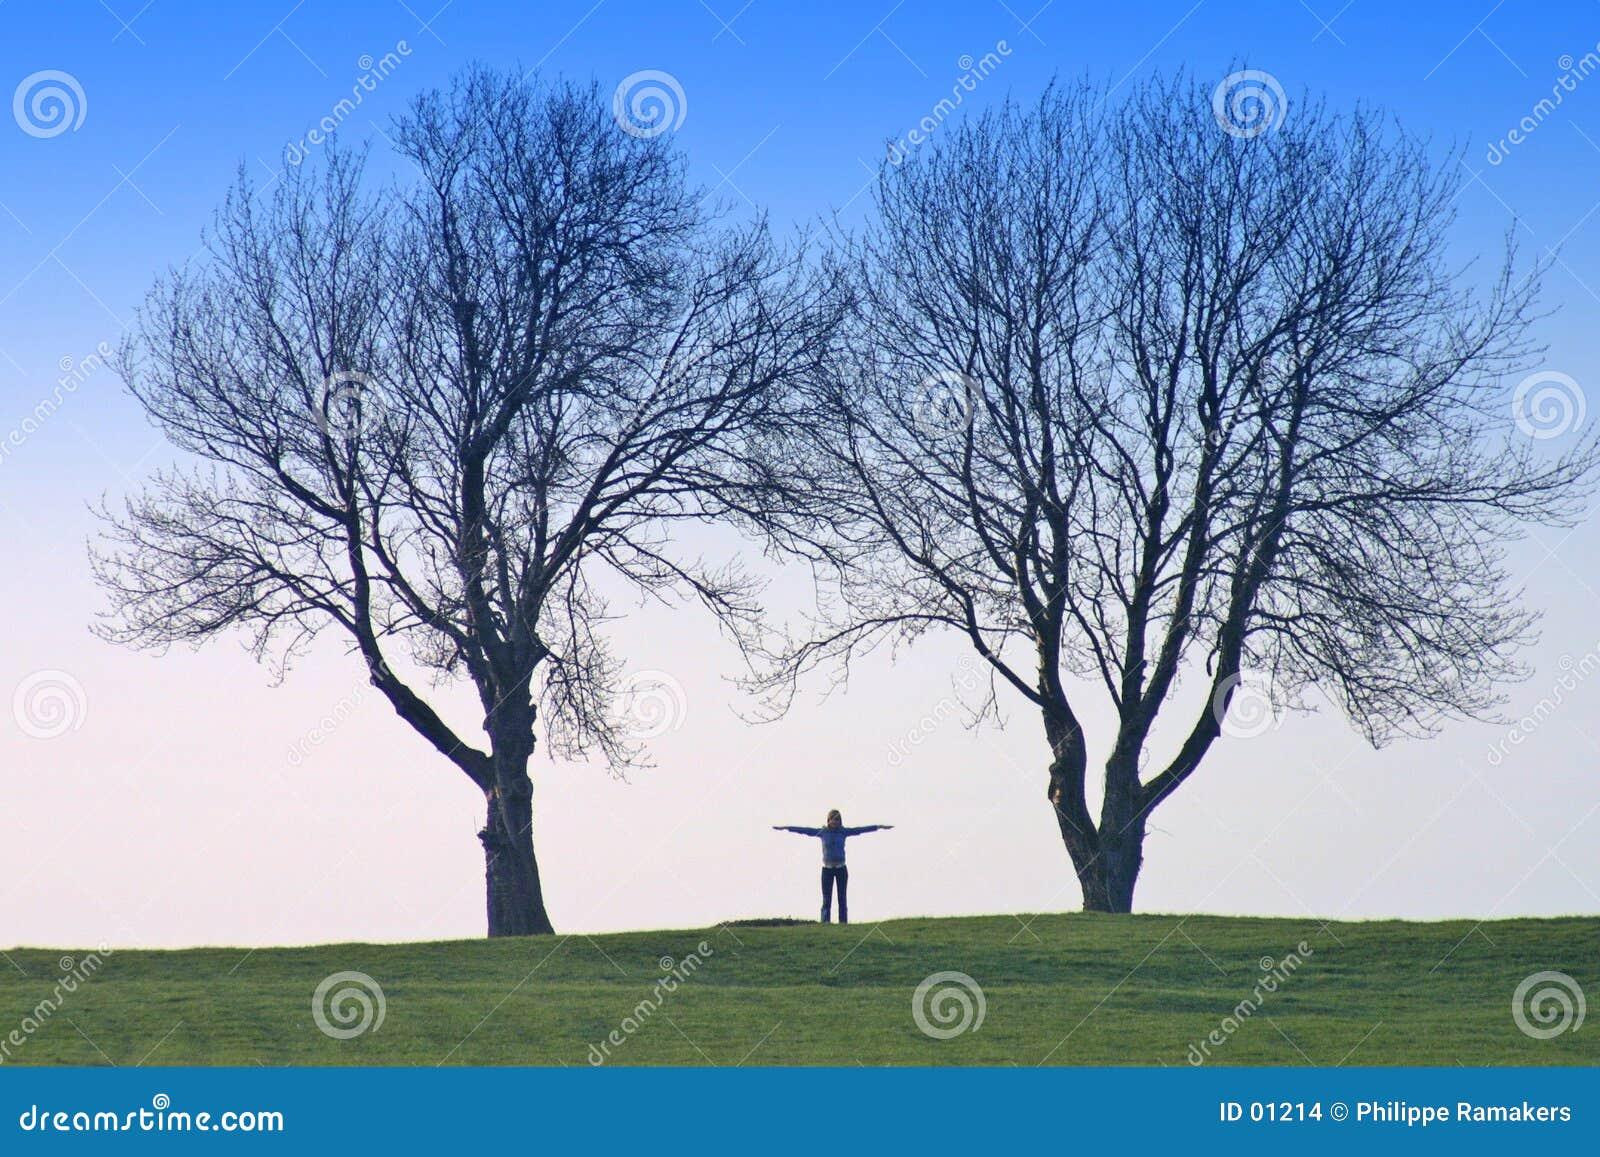 Forma humana e árvores